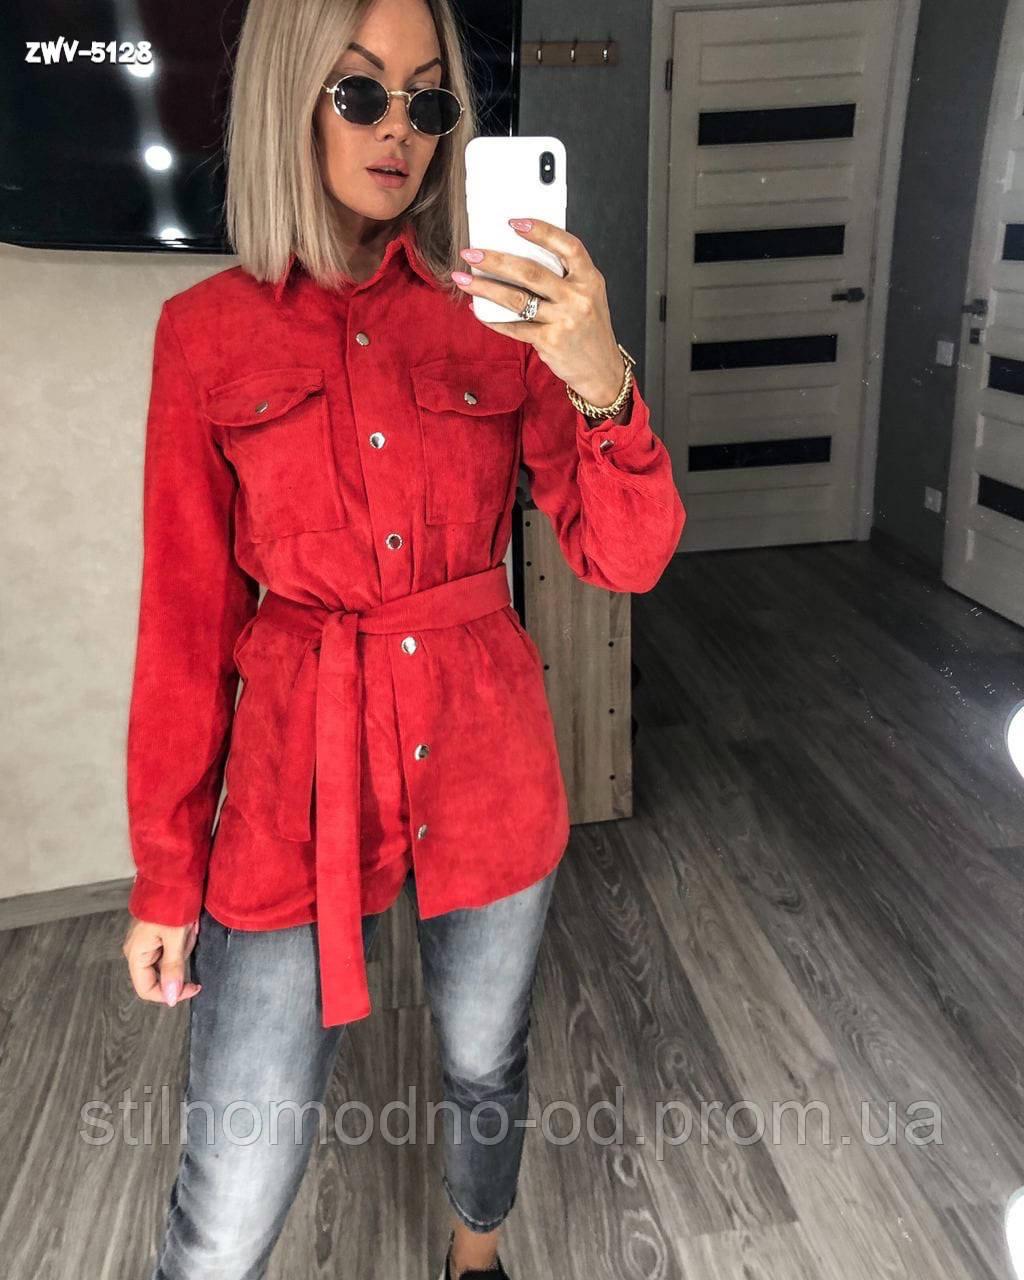 """Жіноча блузка """"Блайс"""" від Стильномодно"""